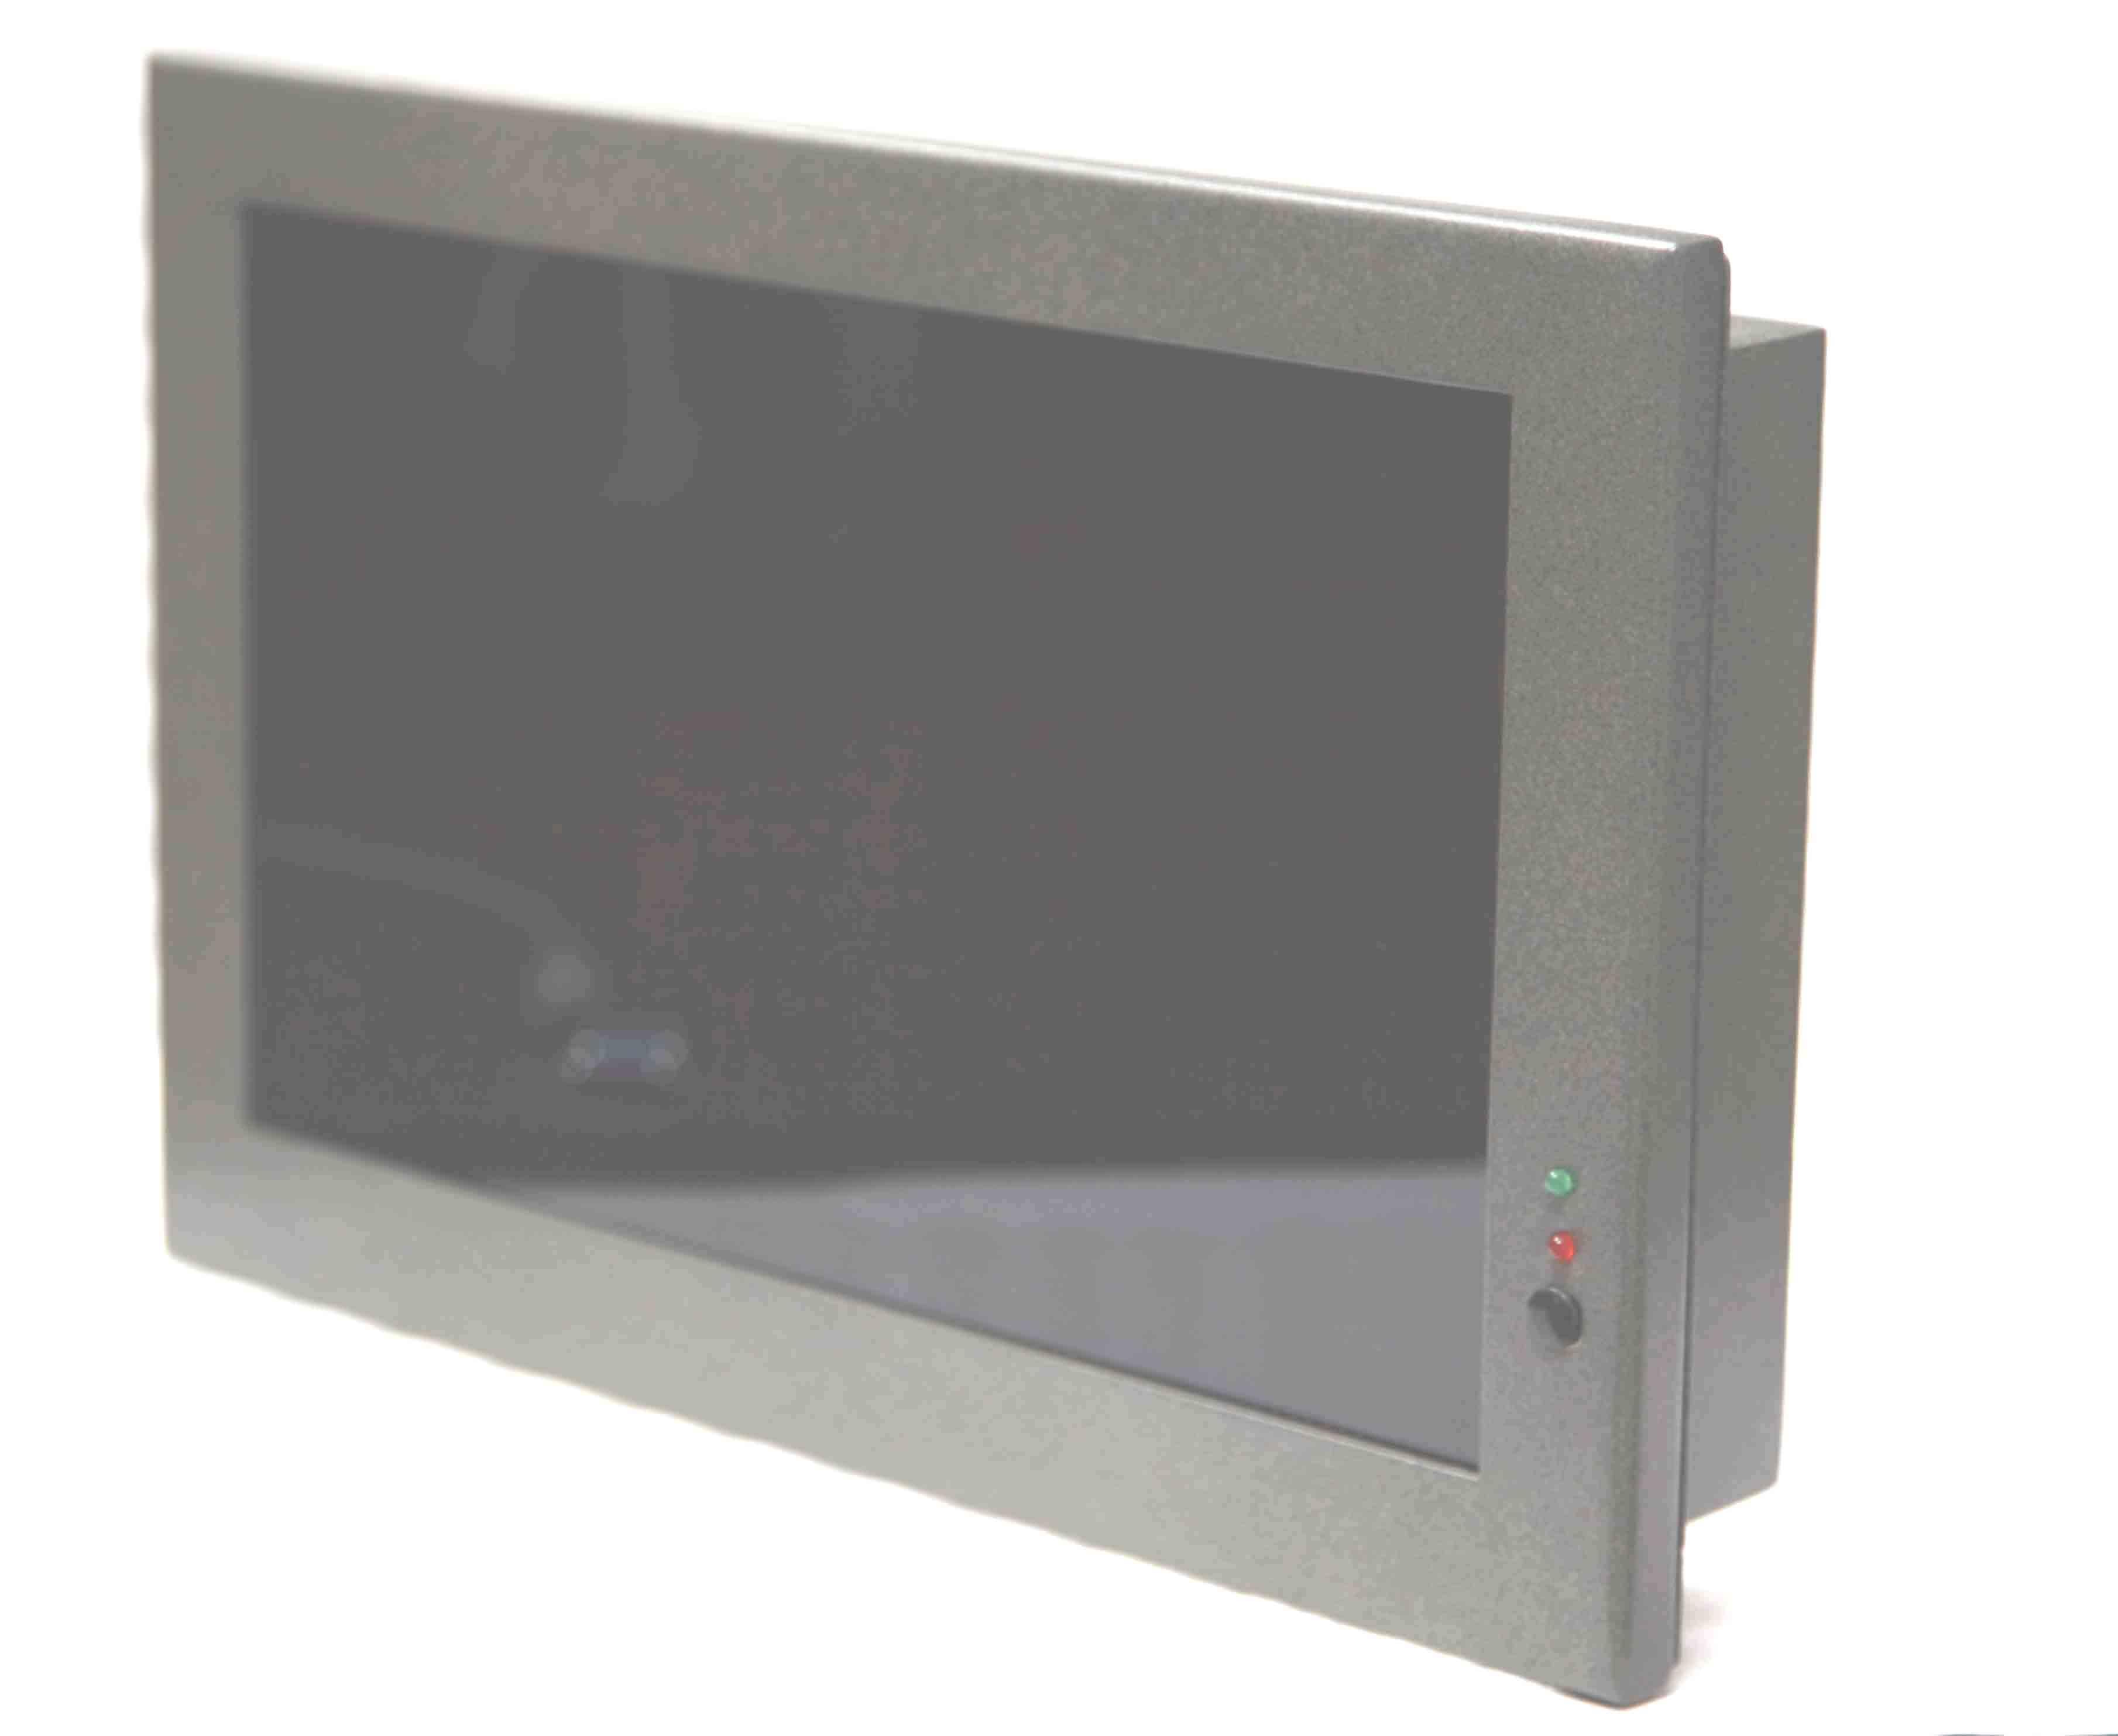 触摸平板电脑